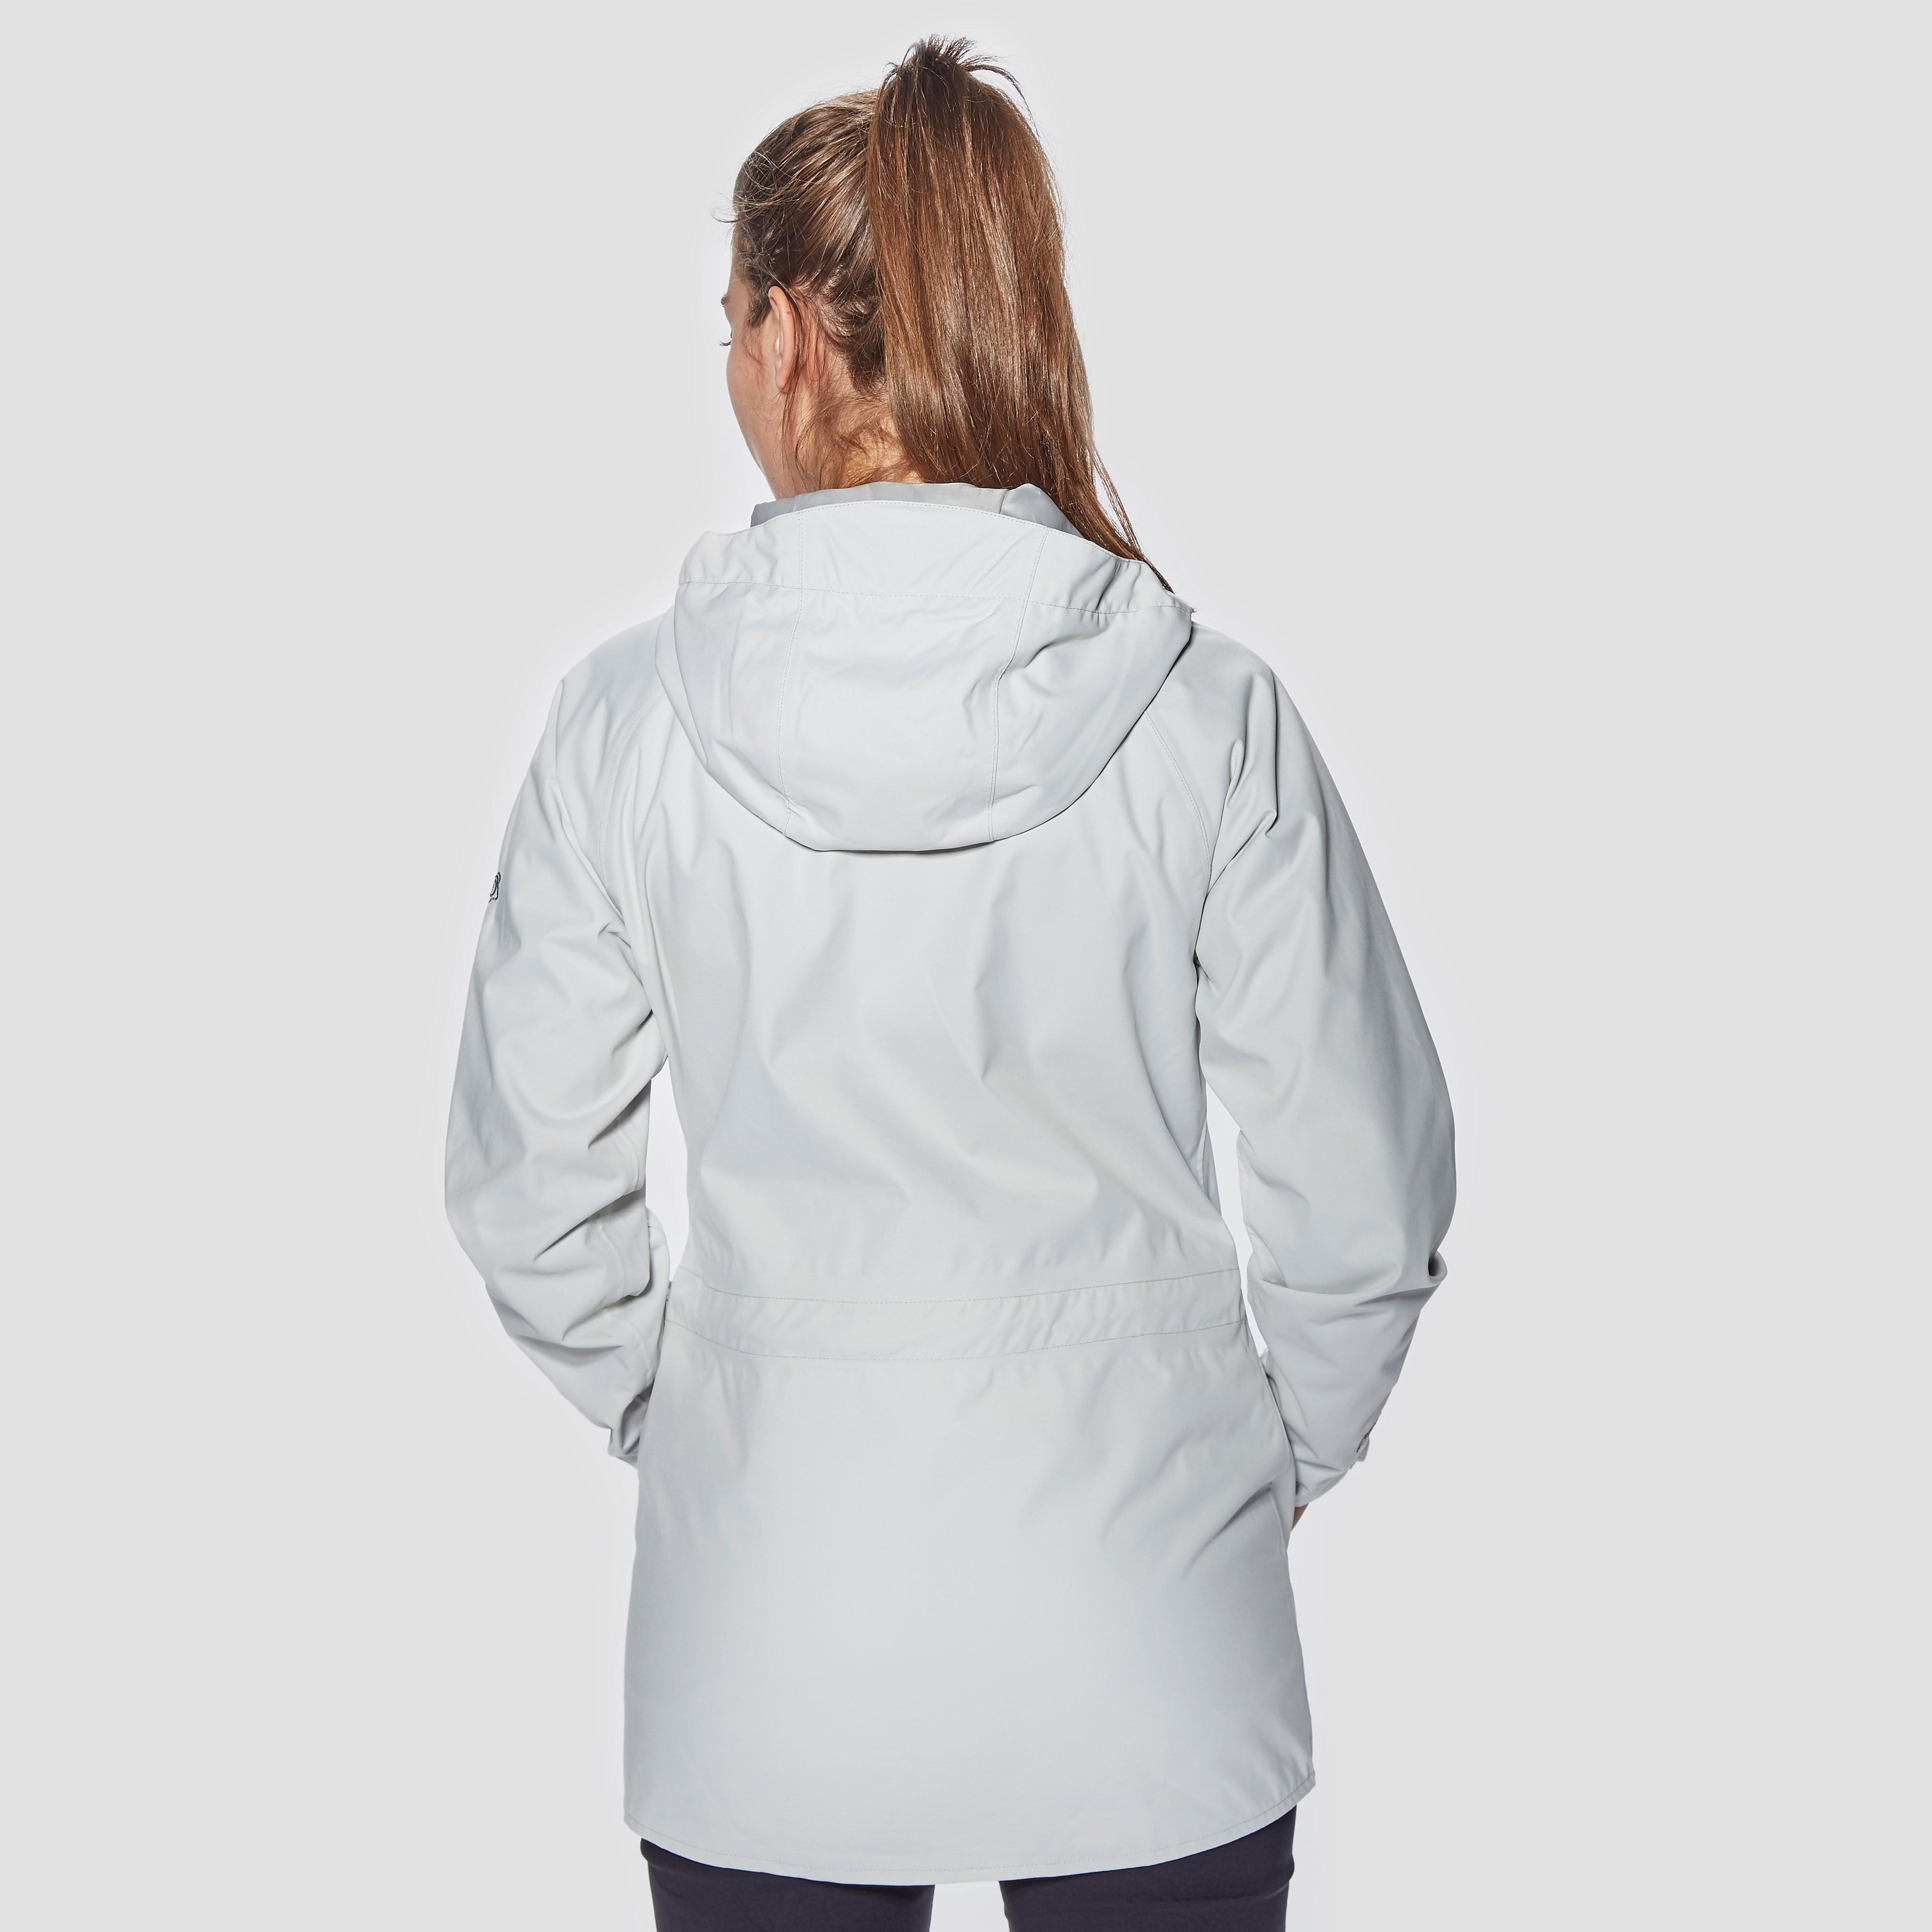 Craghoppers Madigan Waterproof Women's Jacket